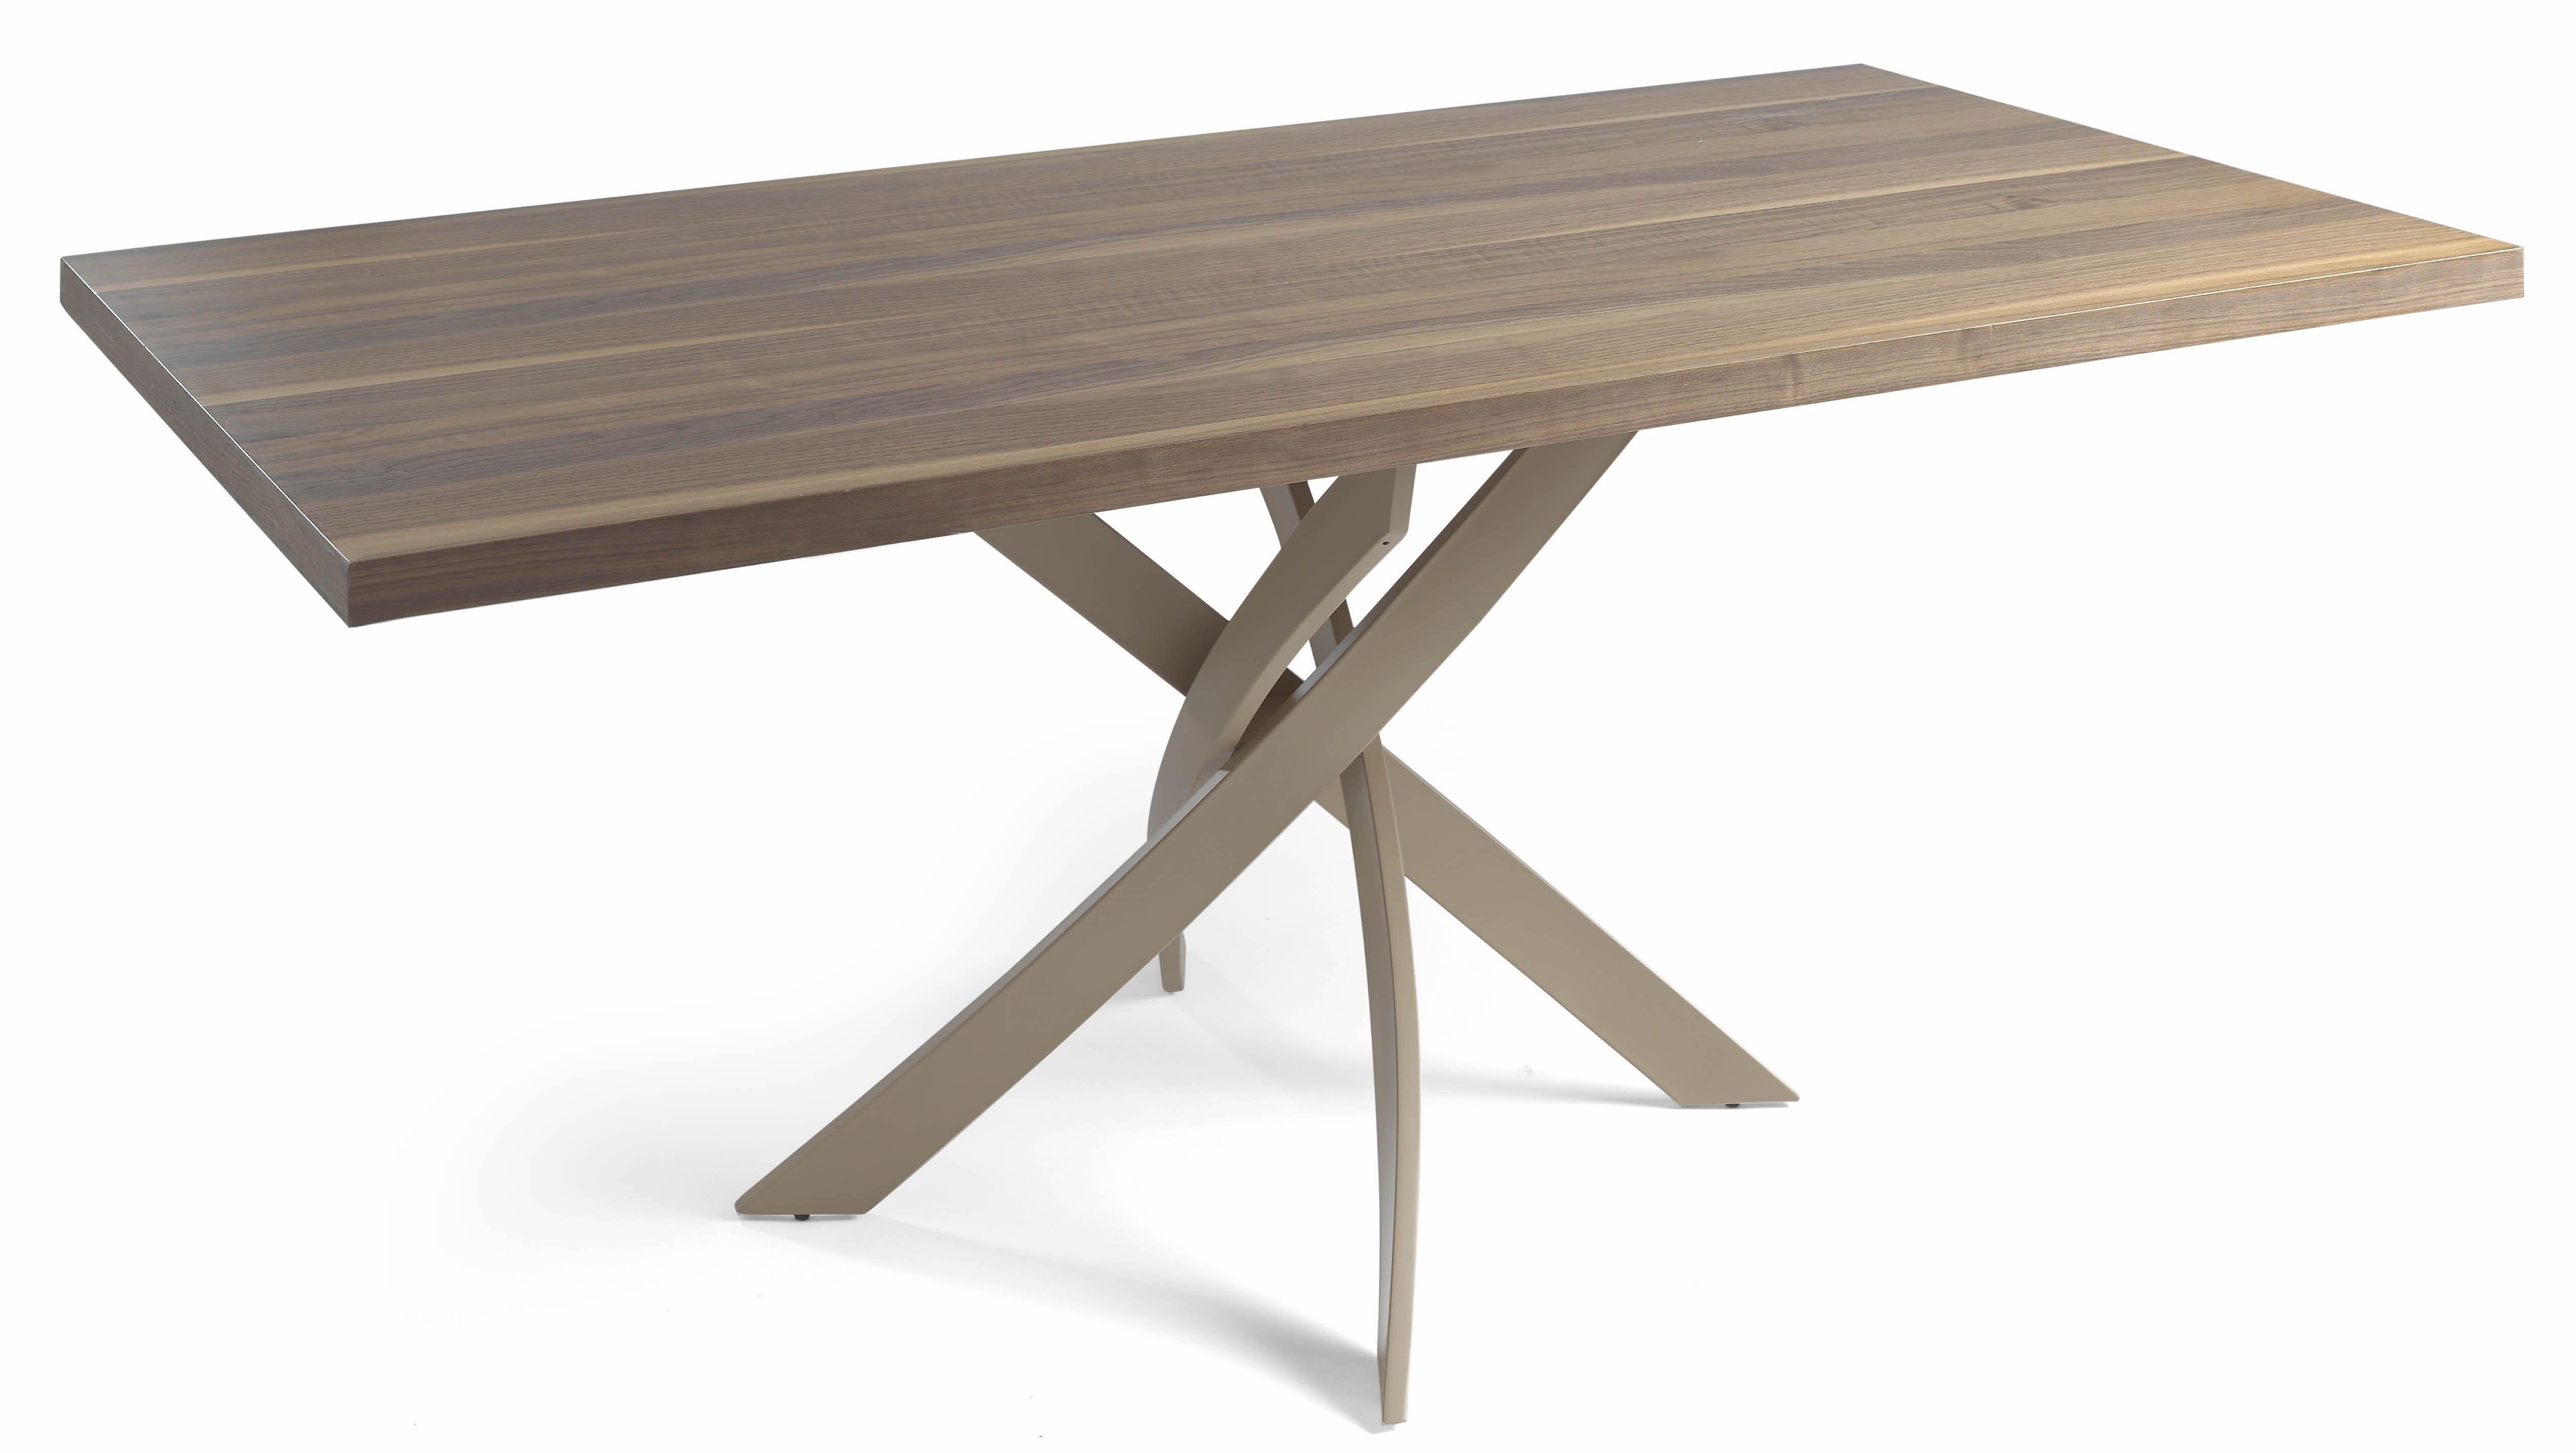 Designer Table Rectangulaire Bois Noyer Et Fibre De Verre Taupe Gala Dimensions L 140 X P 95 X H 75 Cm Lestendances Fr Table Rectangulaire Bois Table De Salle A